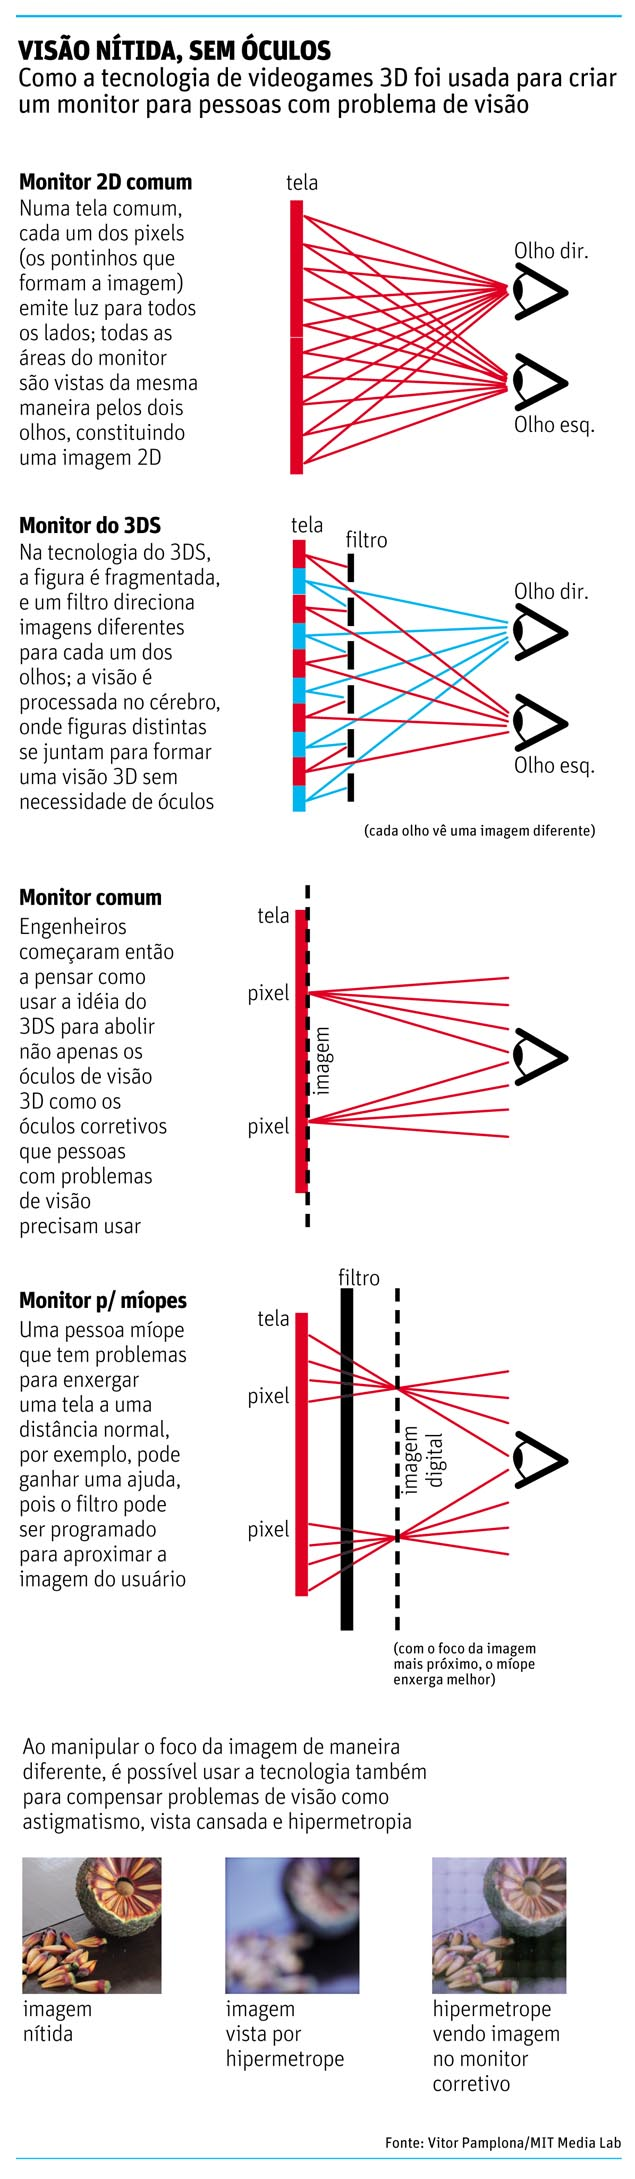 Tela criada por brasileiro permite que pessoas com problema de visão enxerguem sem óculos